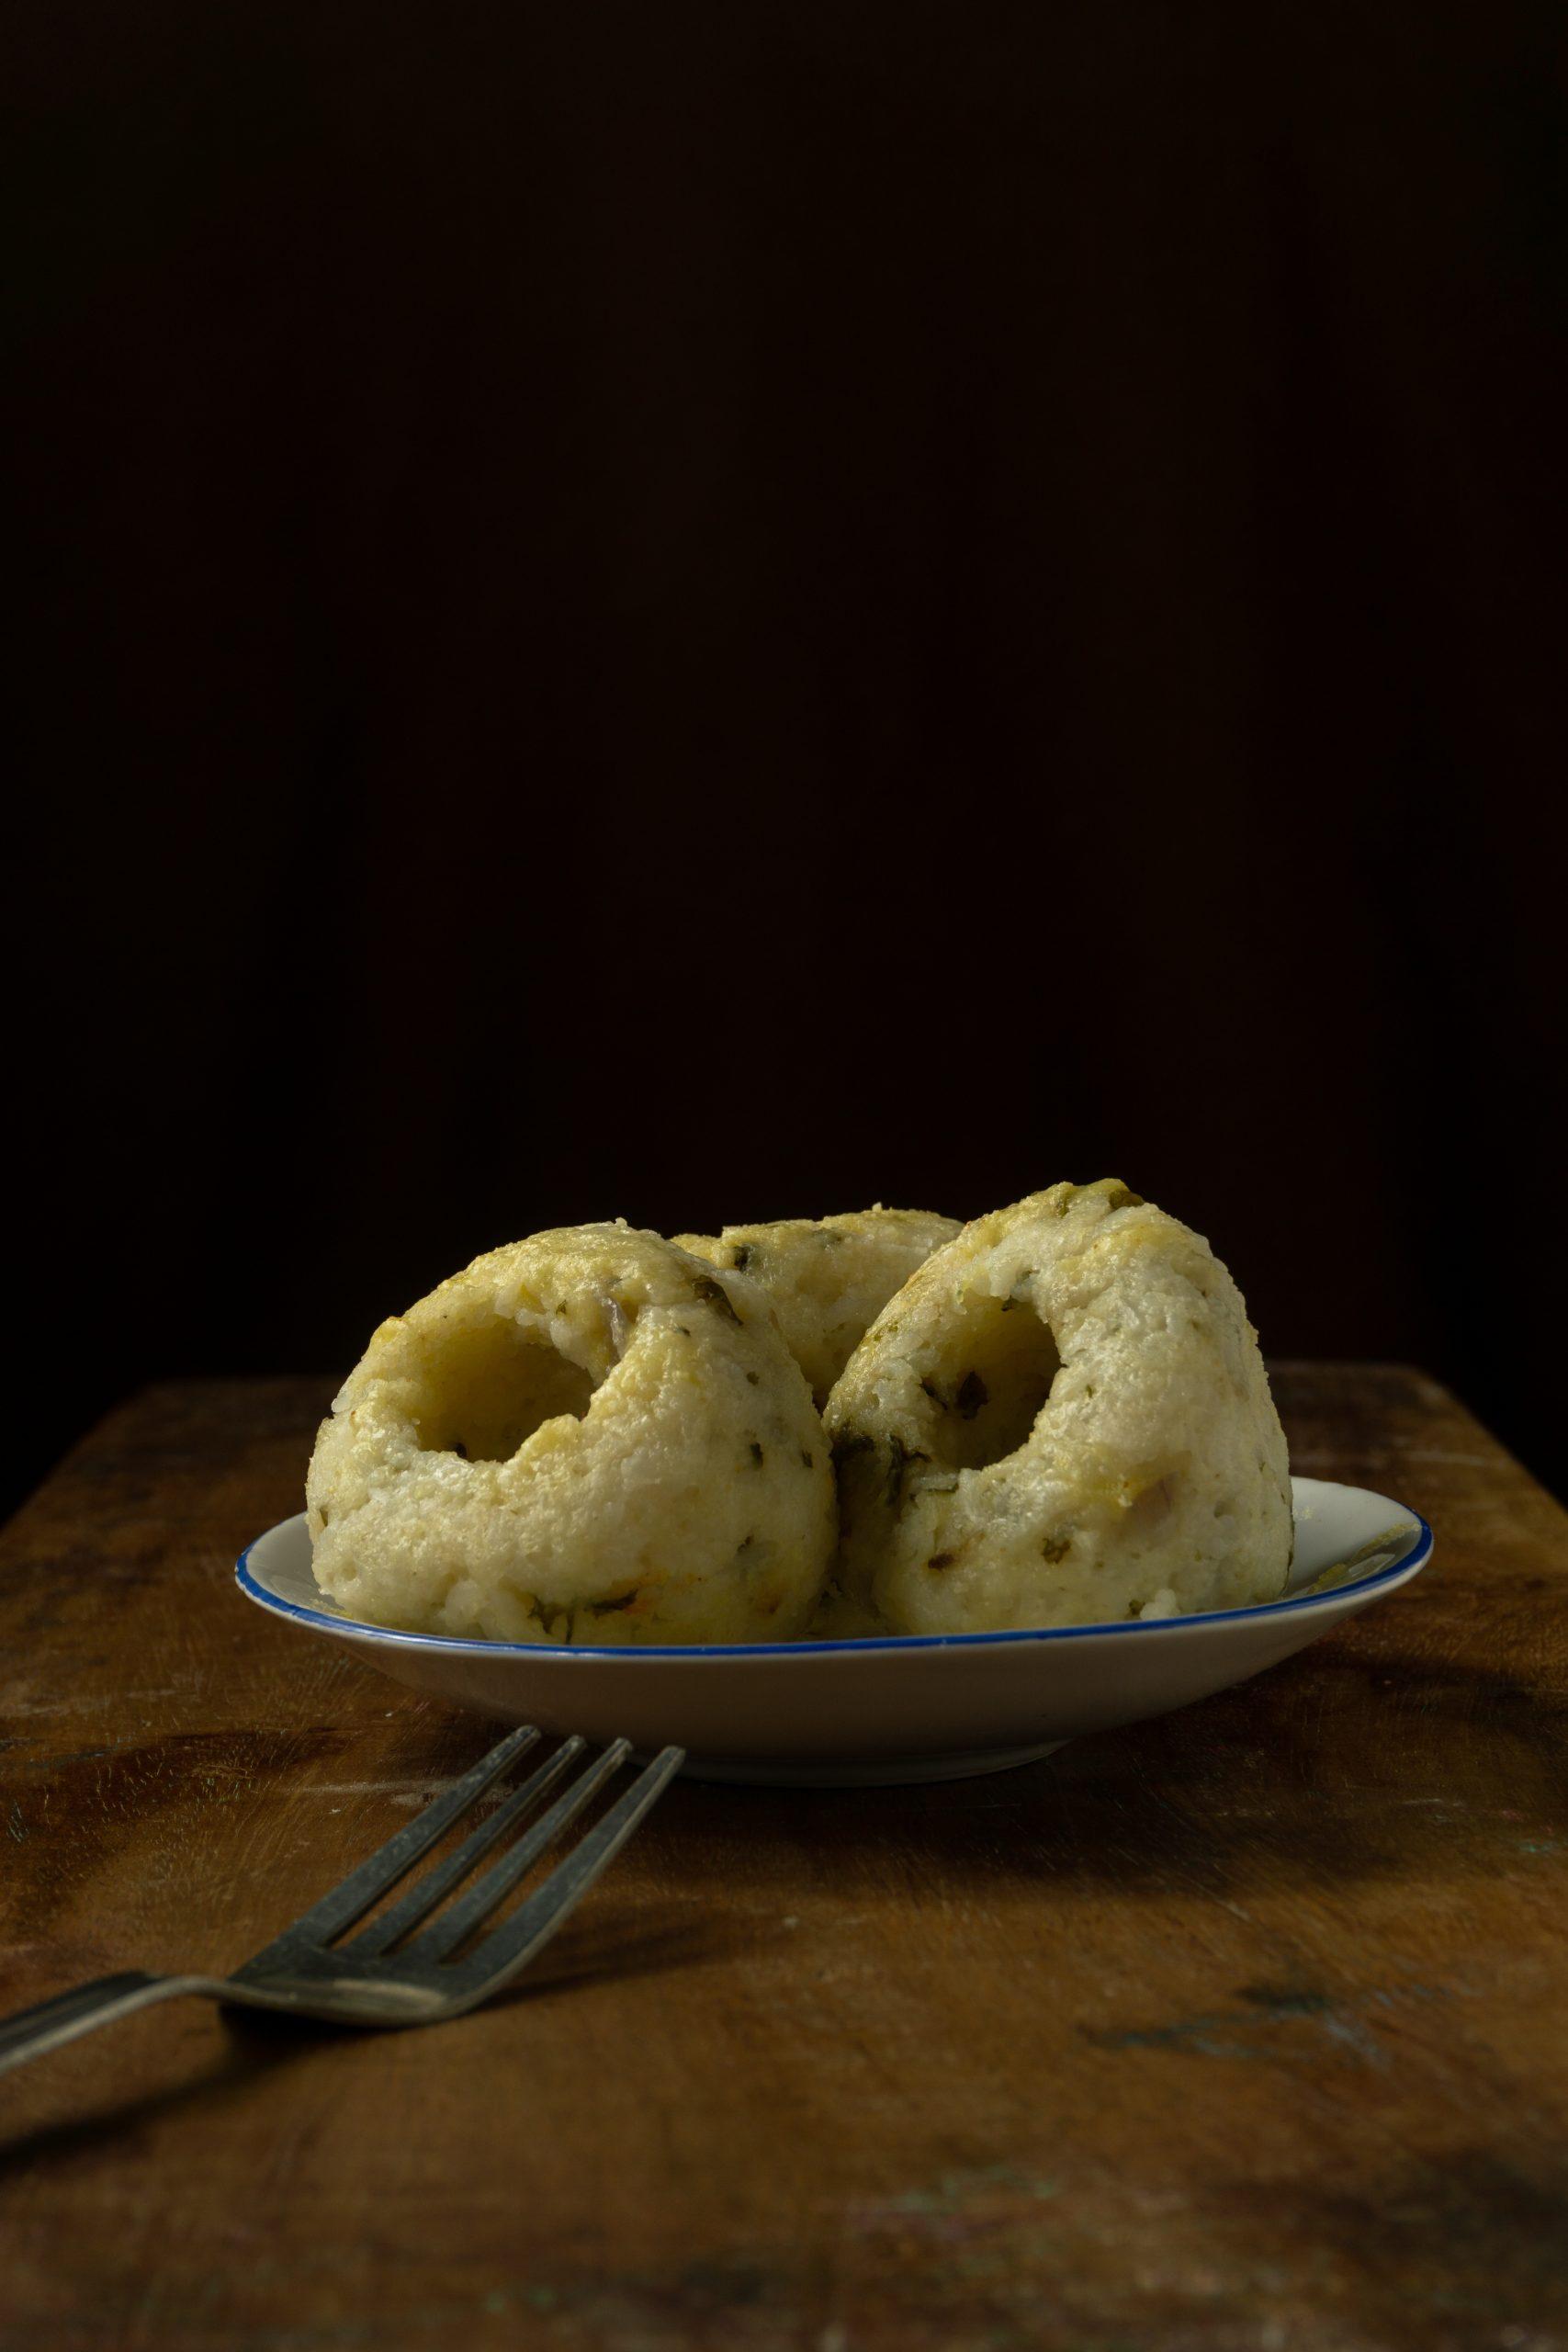 Rice steamed cup dumplings